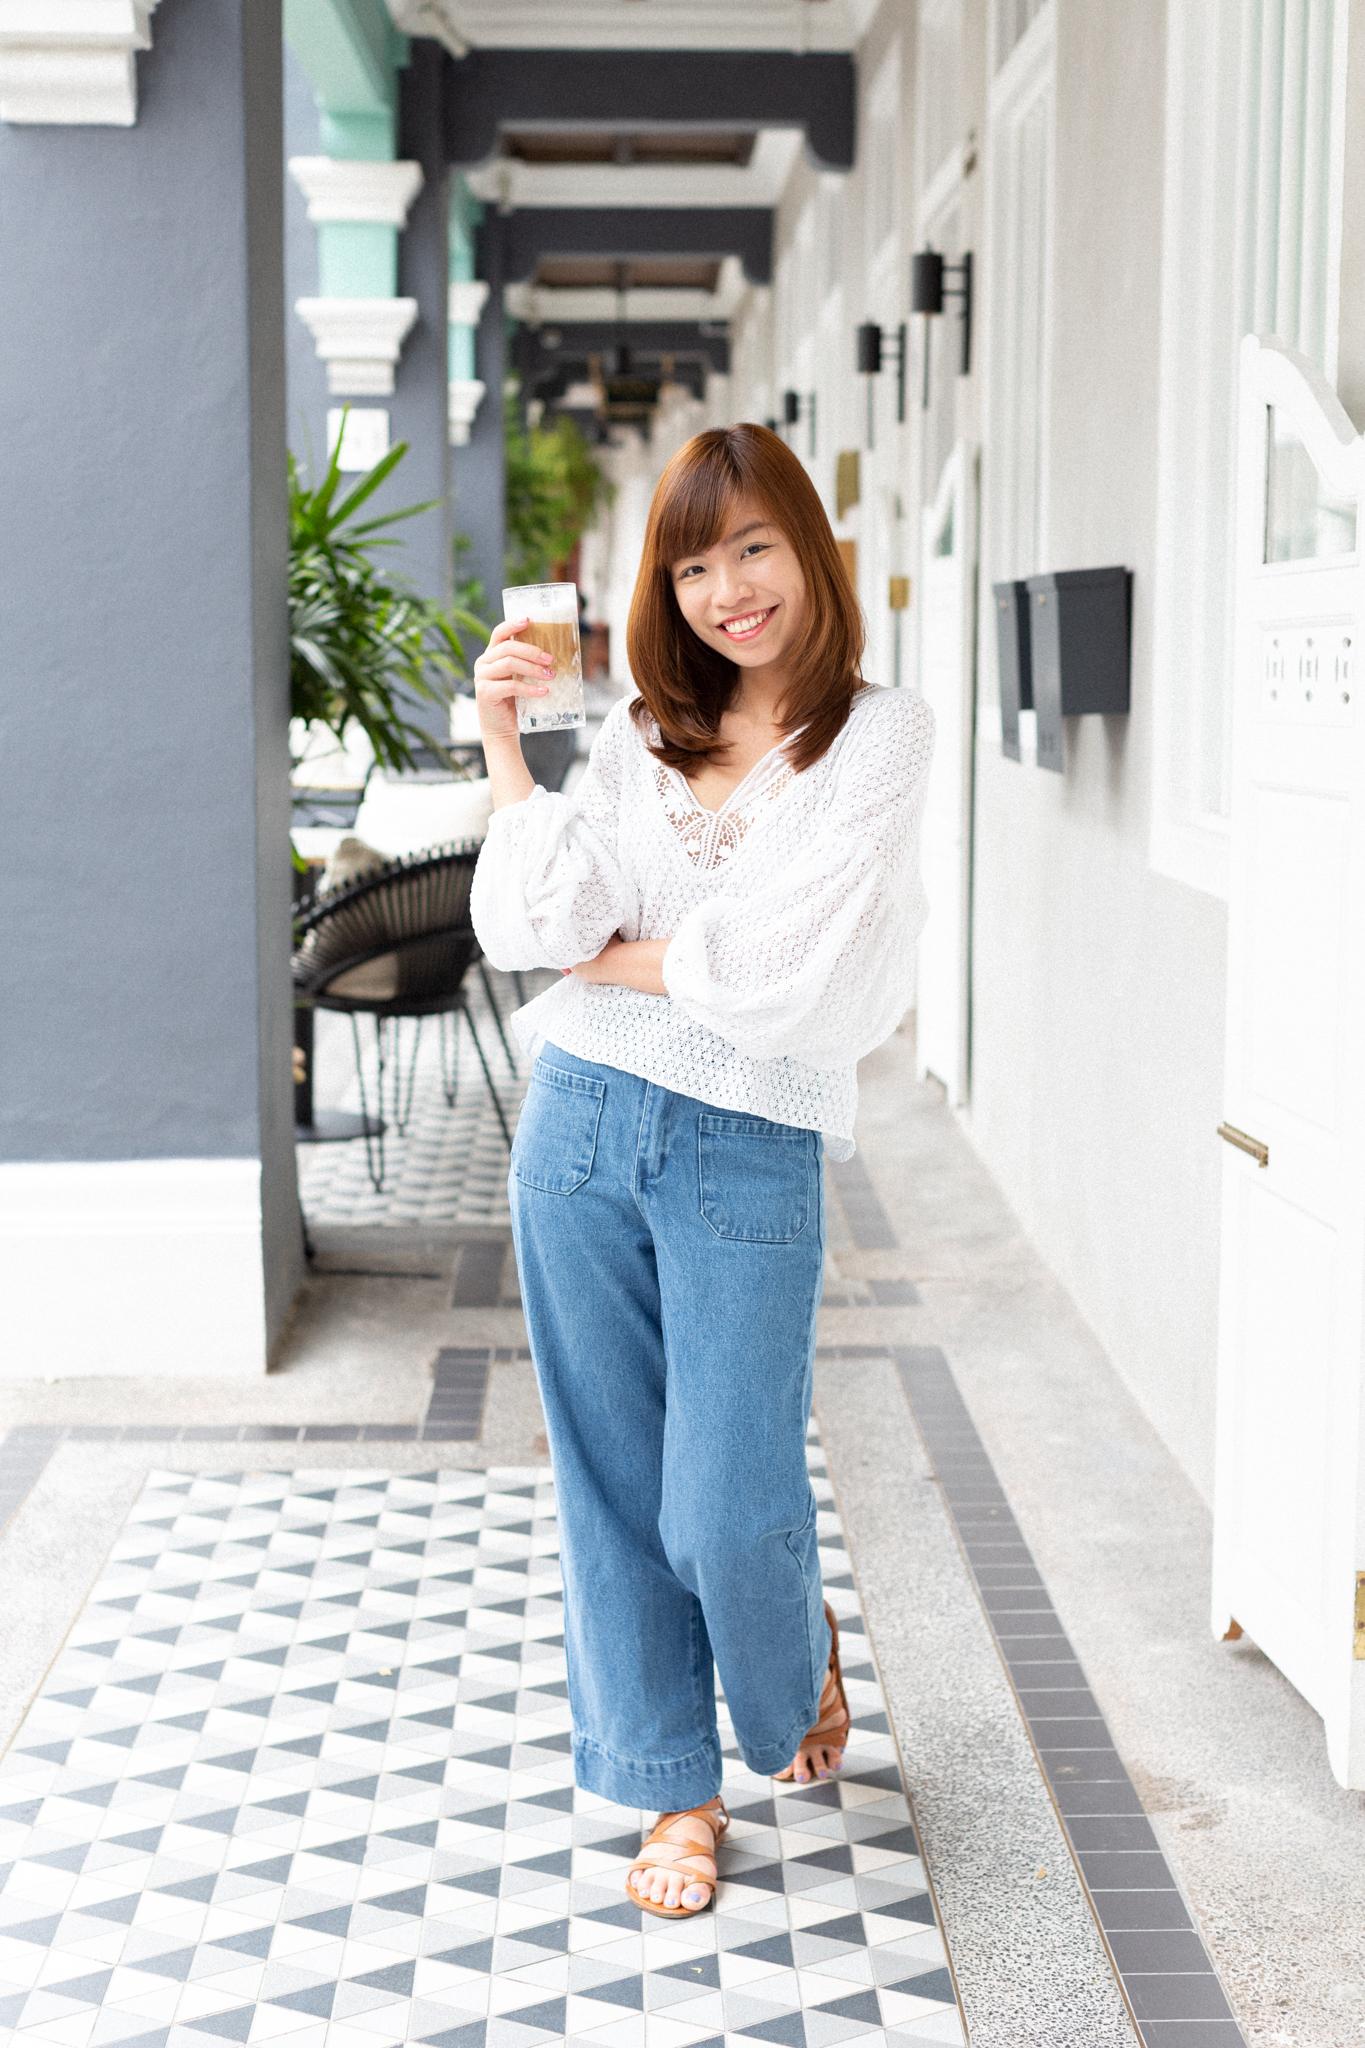 natural-lifestyle photographer Singapore, customised headshot session singapore, singapore expat women, relaxed headshot session outdoors singapore